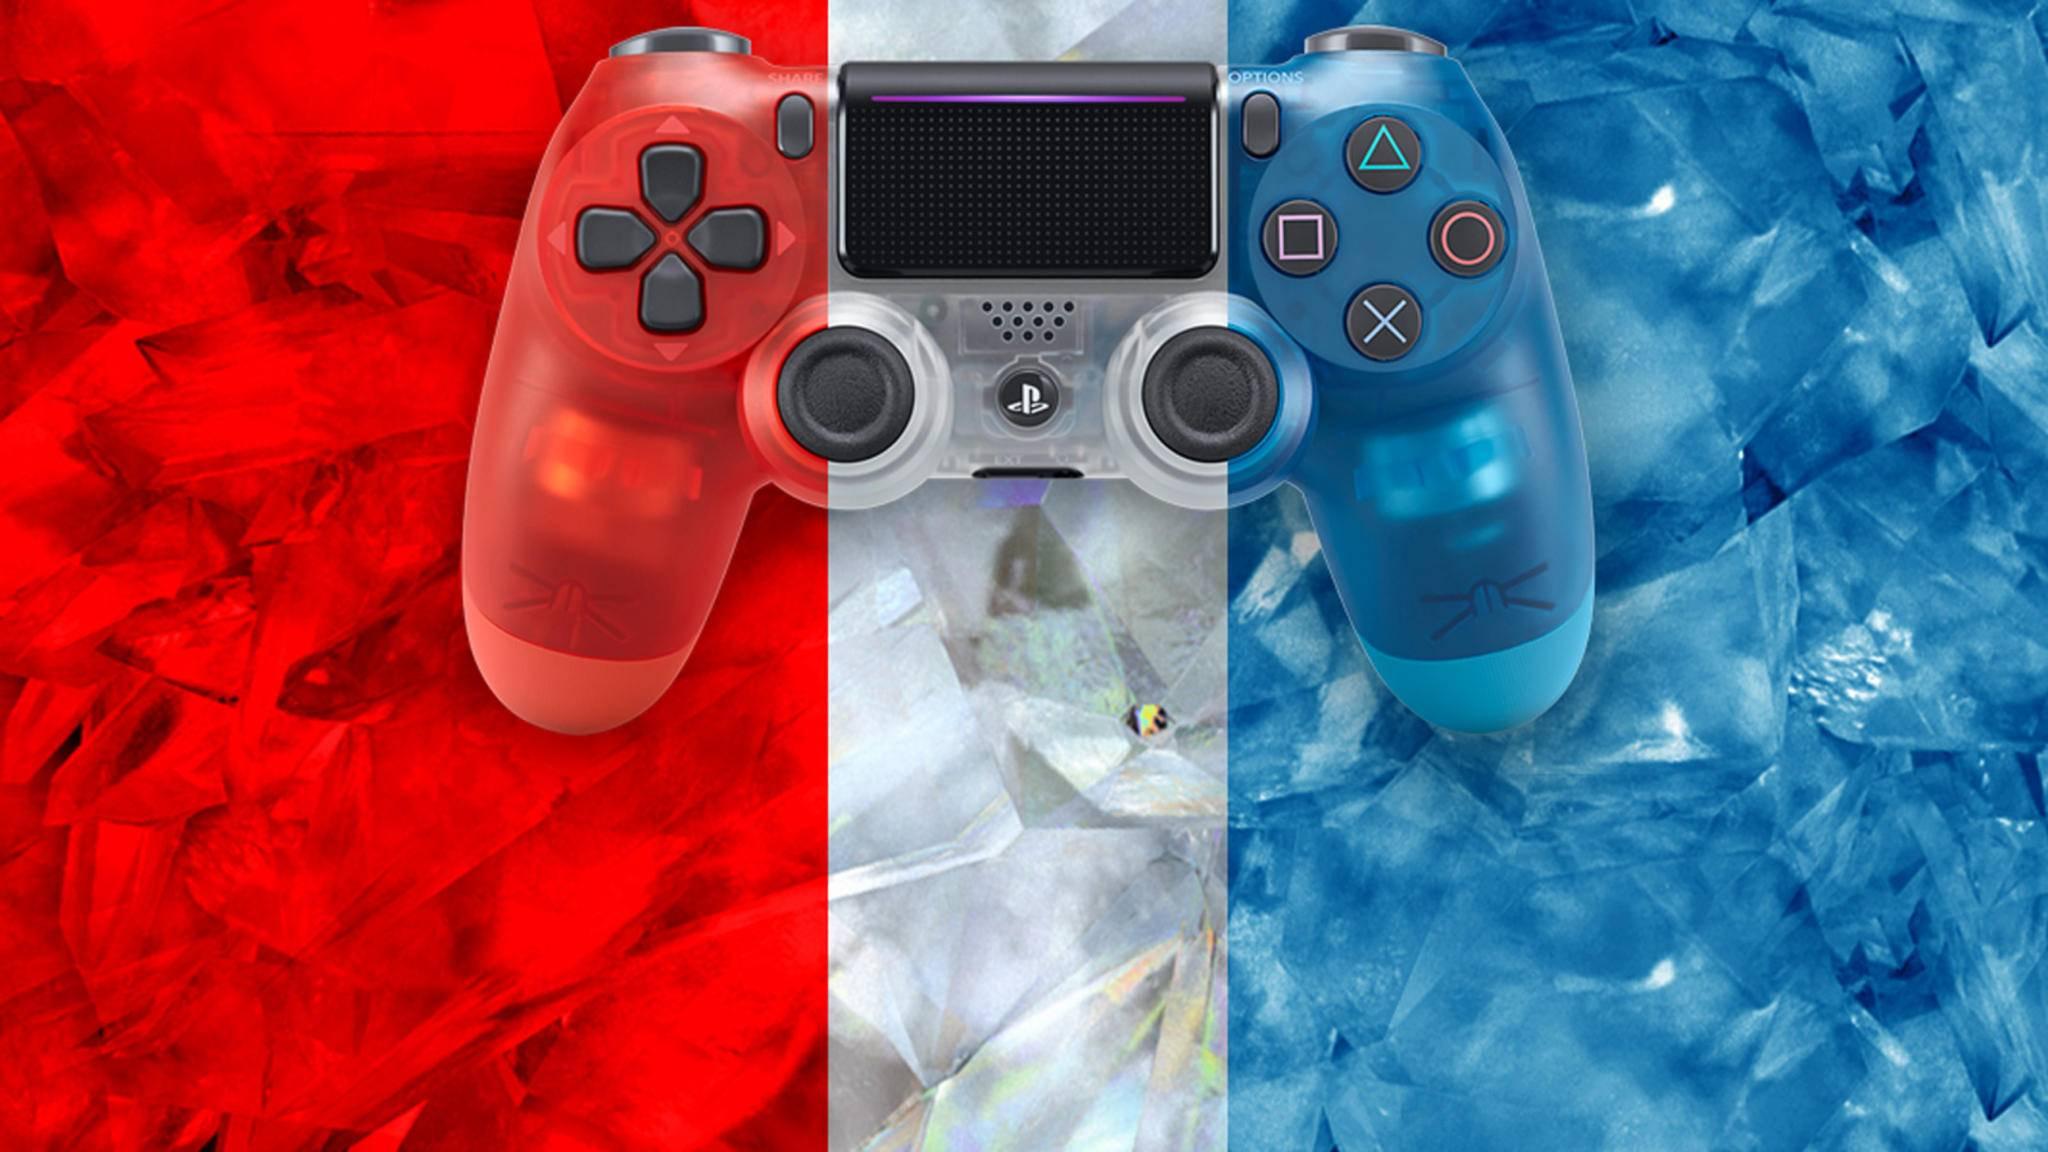 Sony bringt drei neue Crystal-Controller für die PS4 auf den Markt.